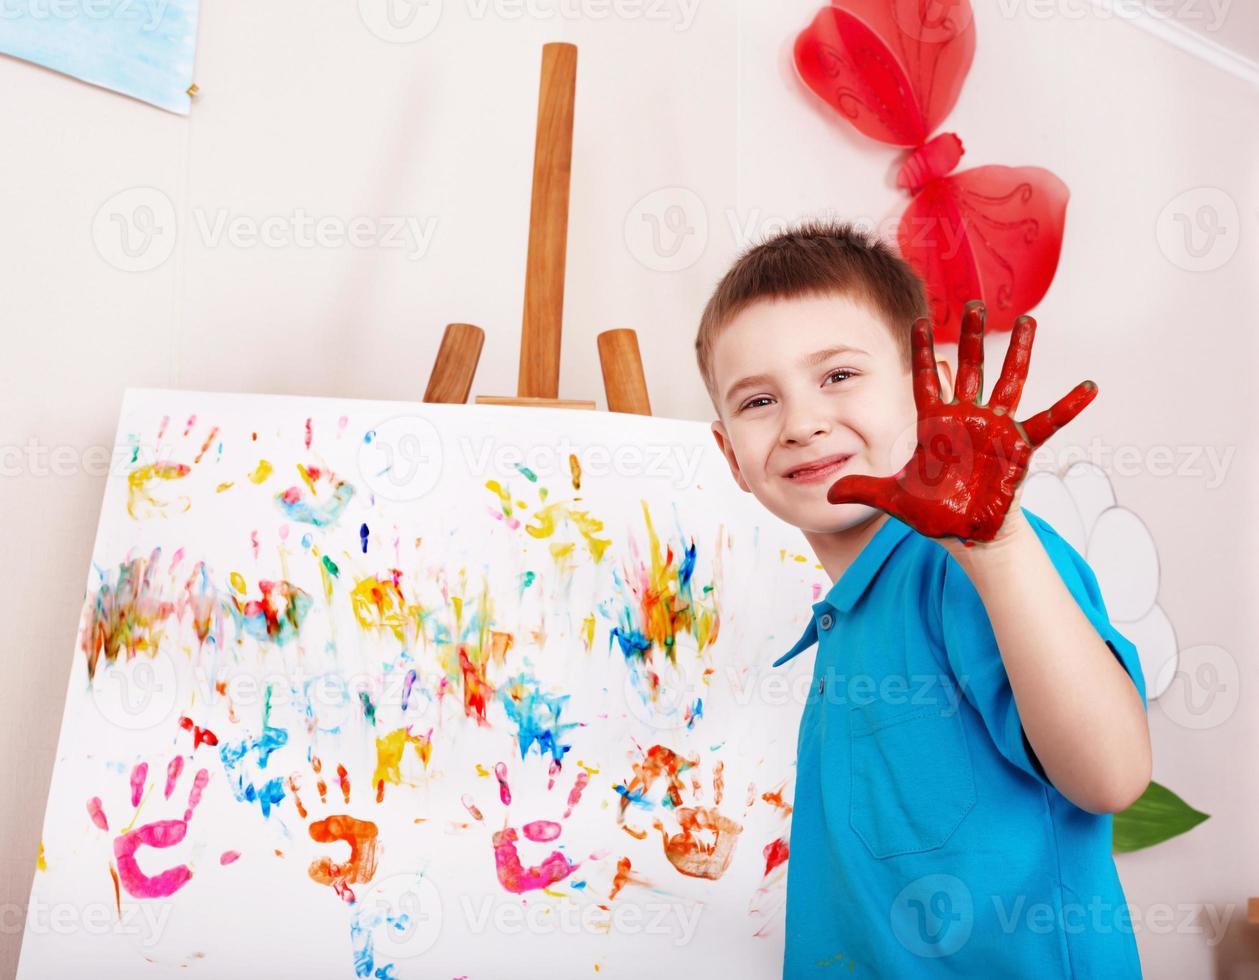 kind handafdruk met verf maken. foto